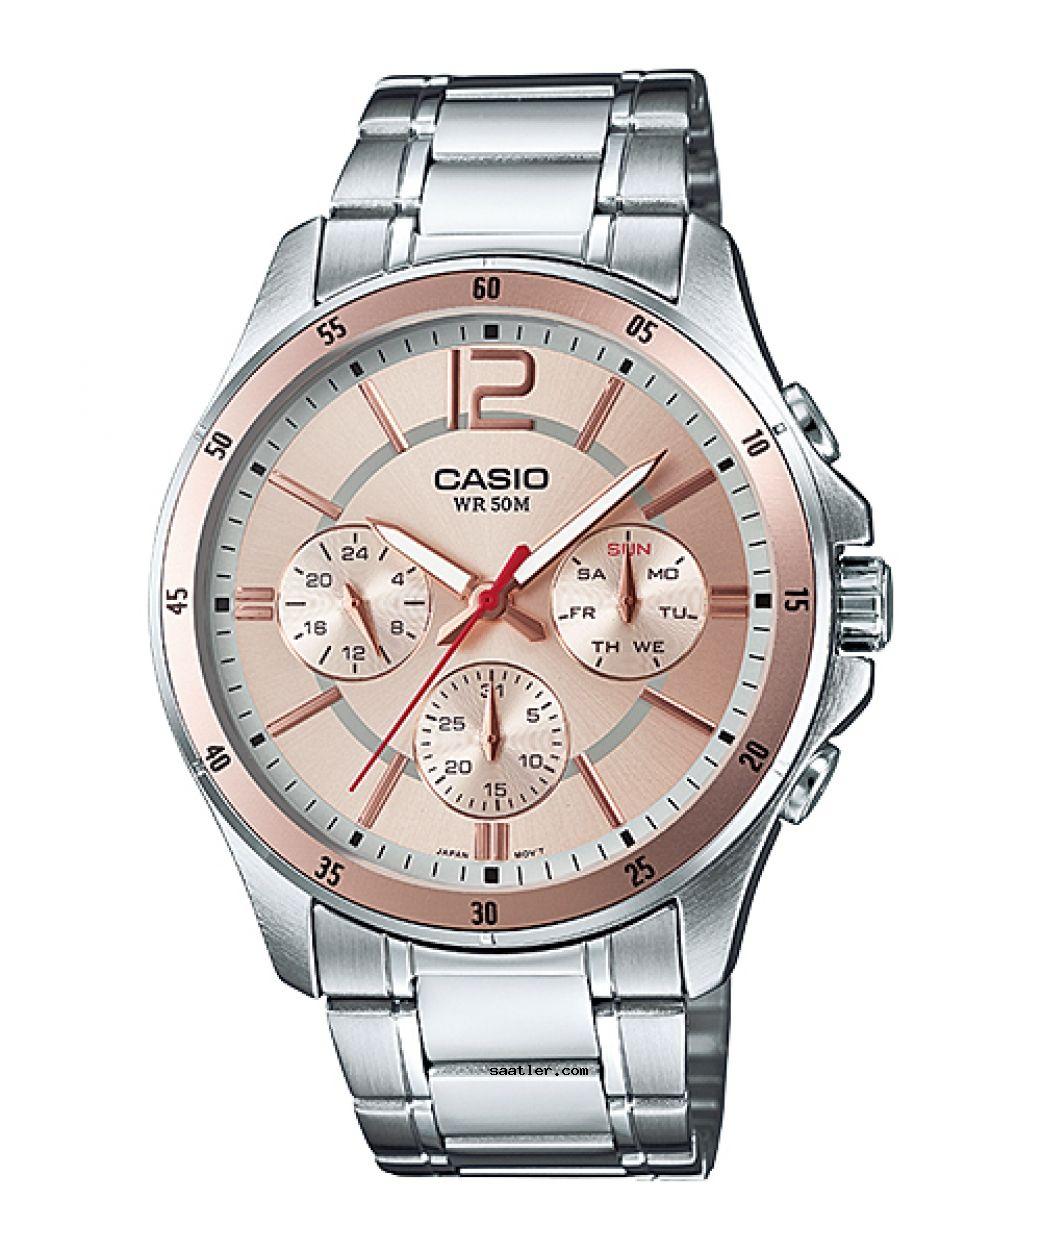 Casio Mtp 1374d 9avdf Kol Saati Erkek Kol Saatleri Saatler Urunler